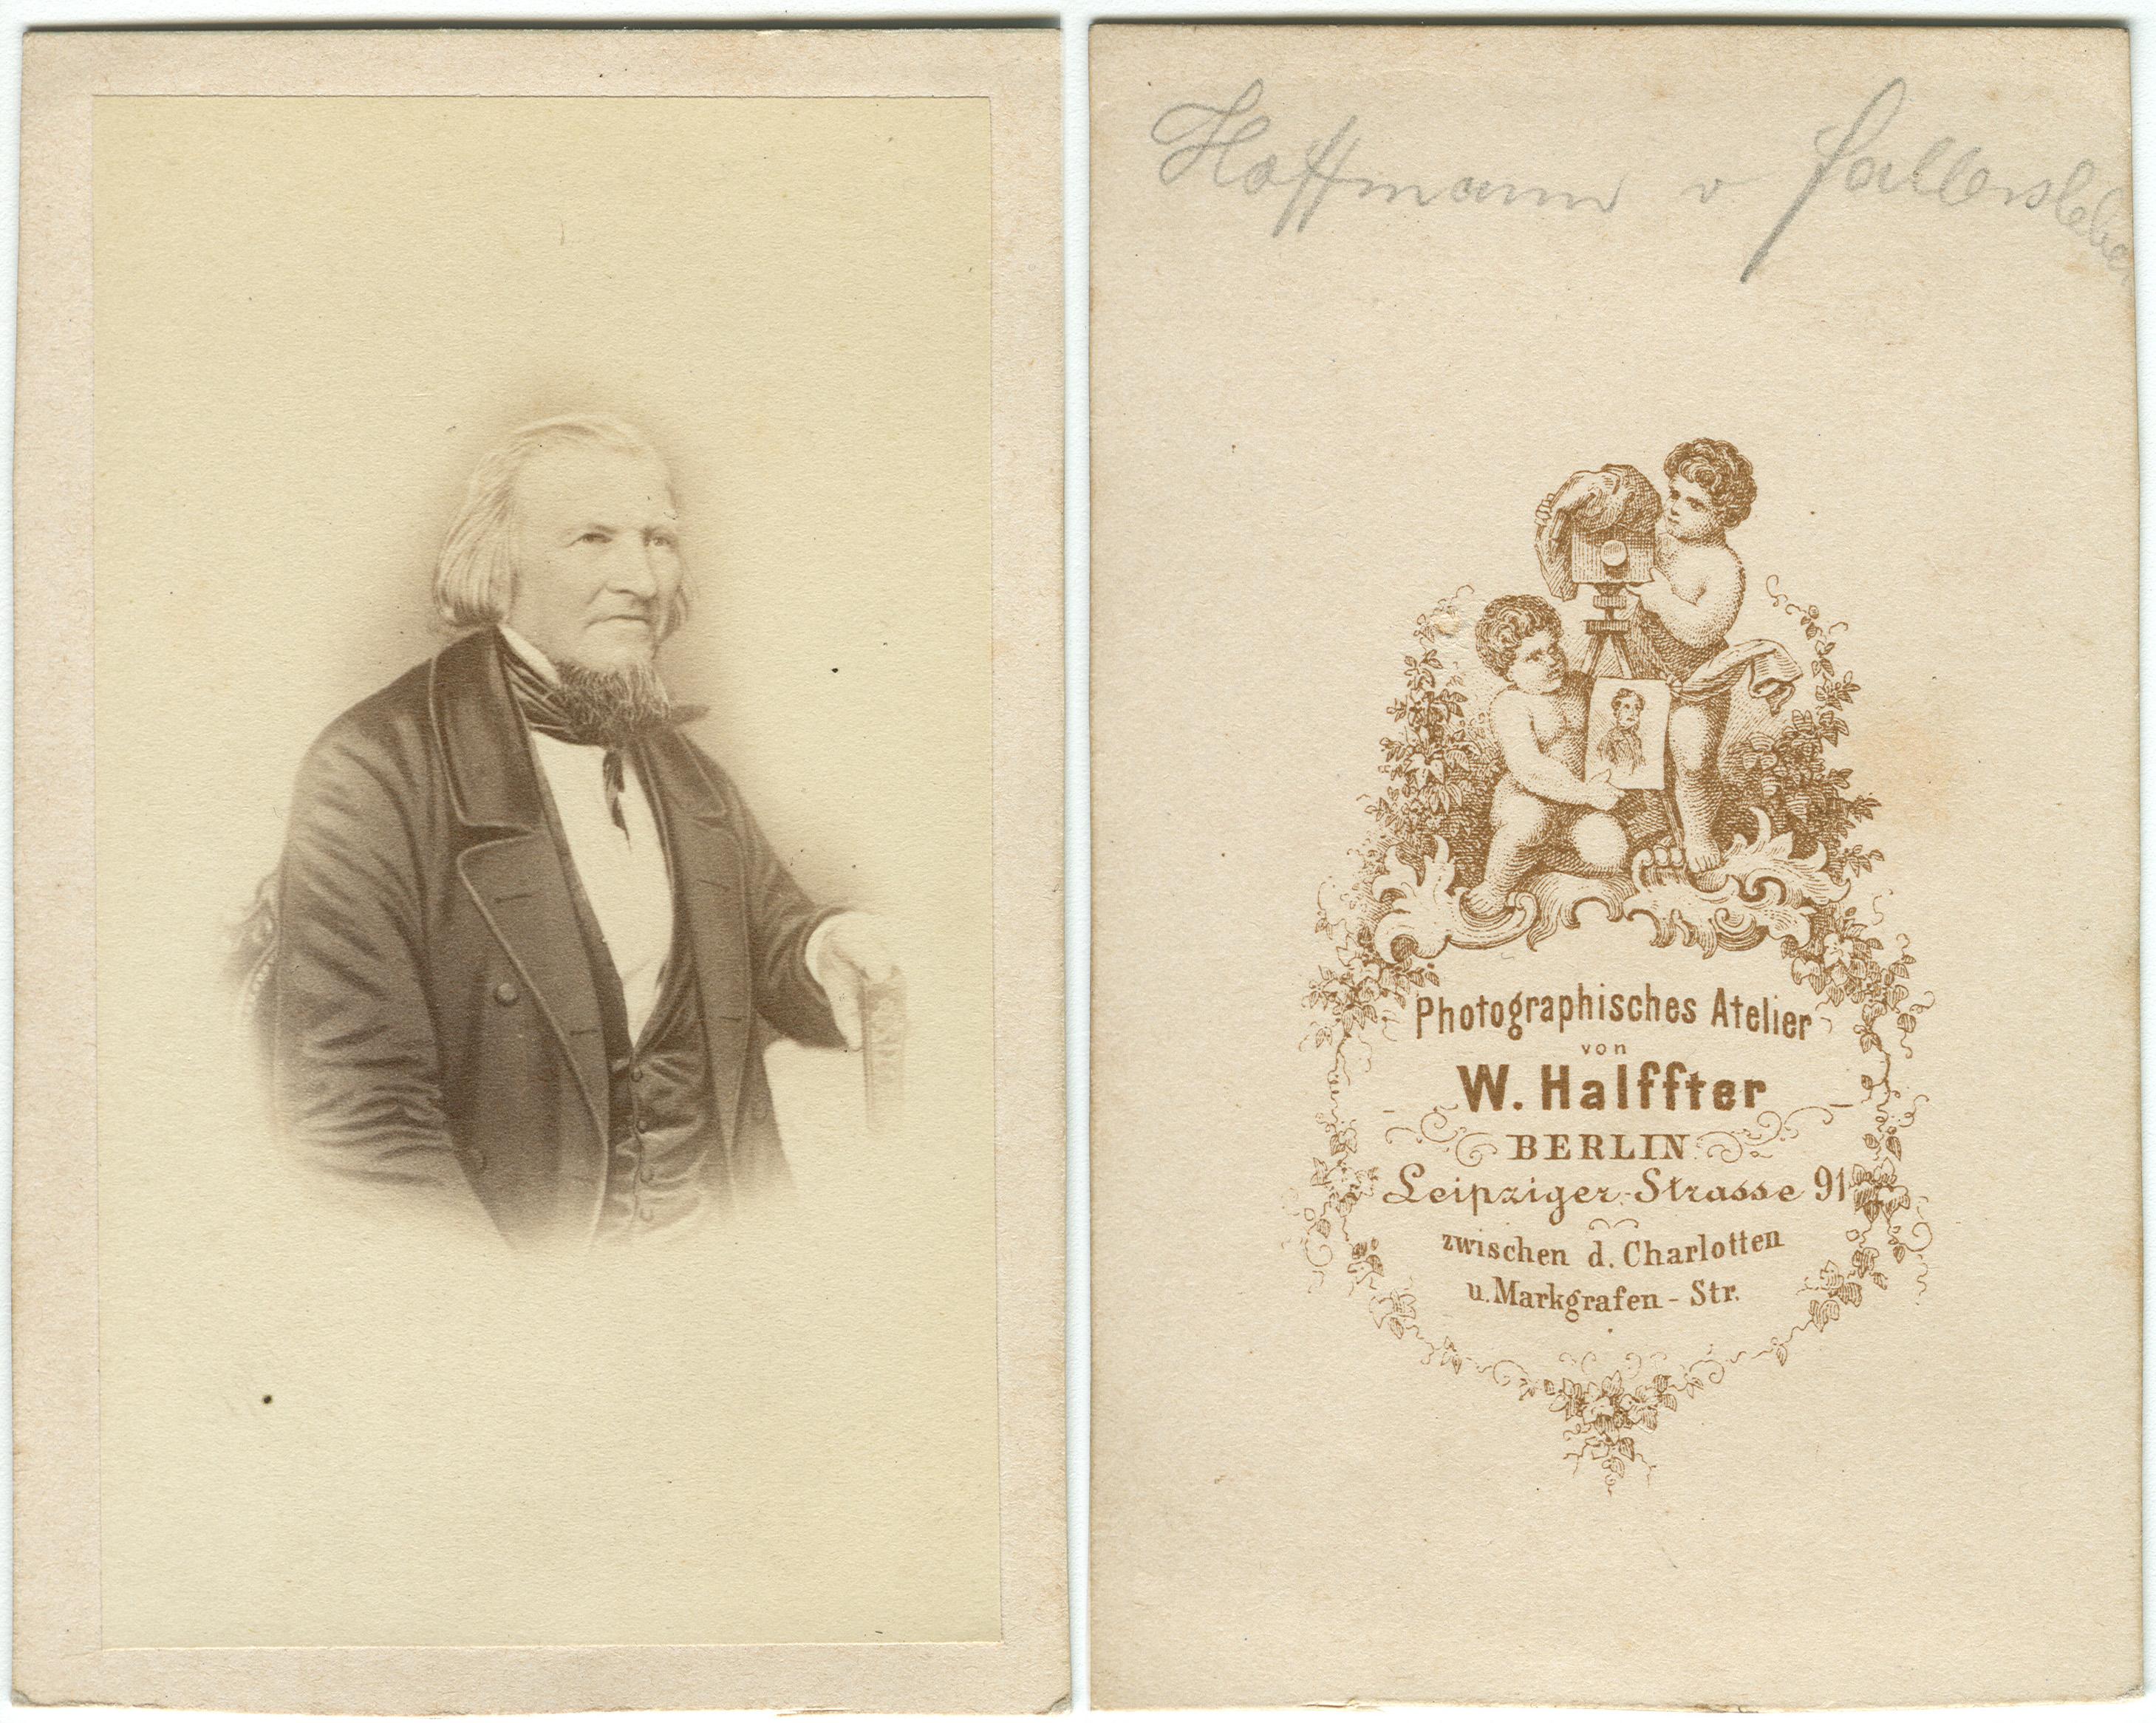 DateiHoffmann Von Fallersleben Carte De Visite W Halffter